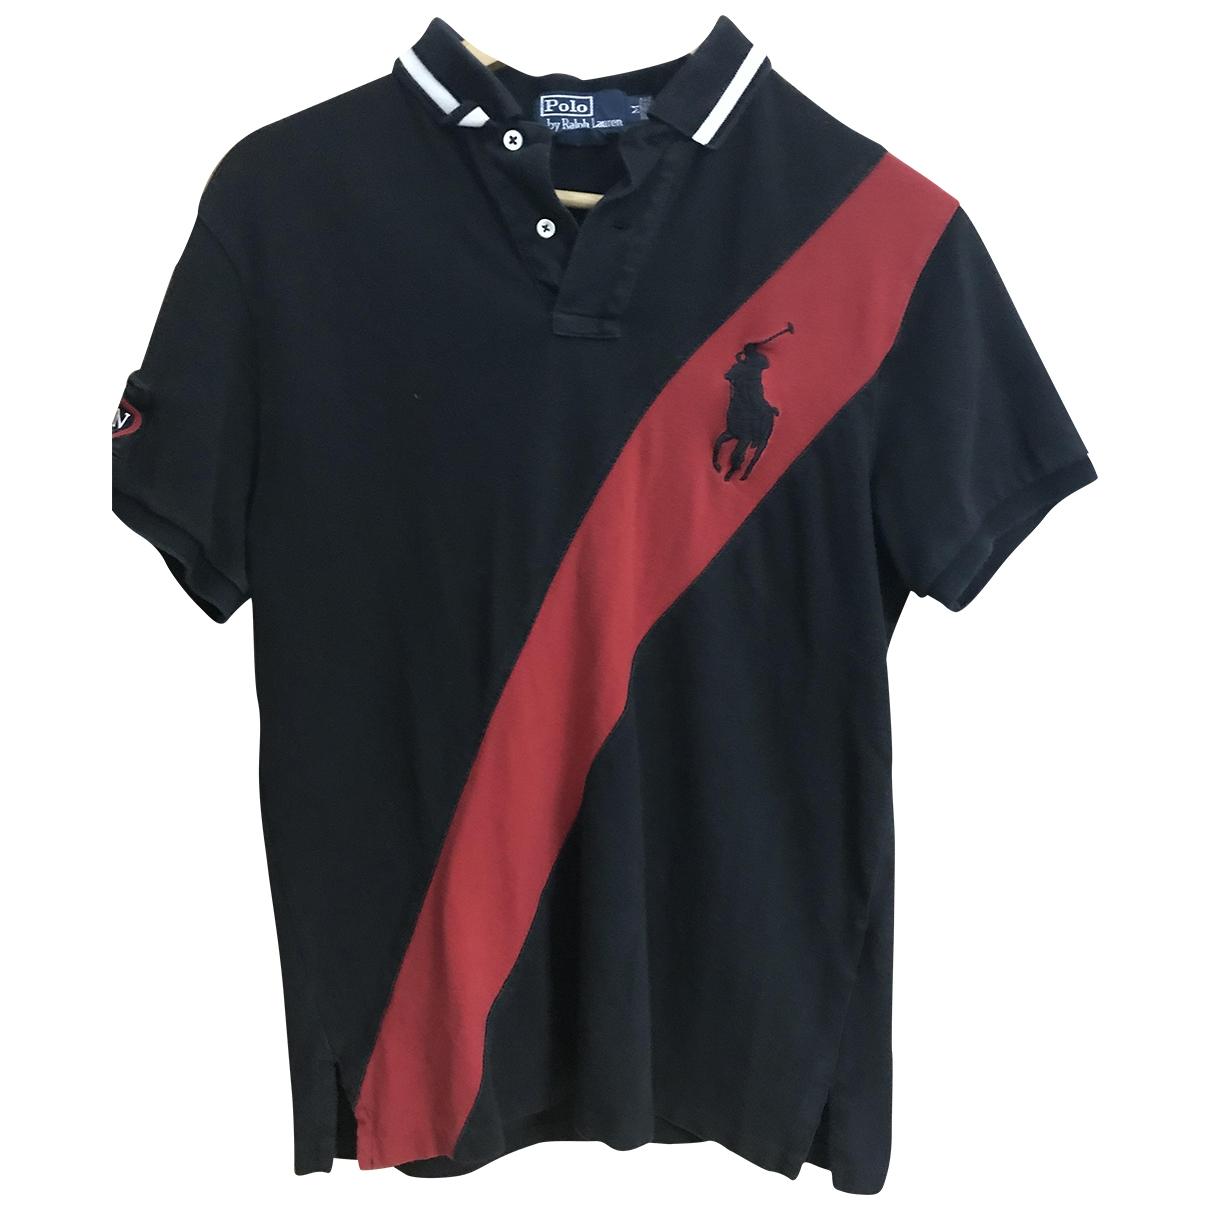 Polo Ralph Lauren Polo ajusté manches courtes Black Cotton Polo shirts for Men M International